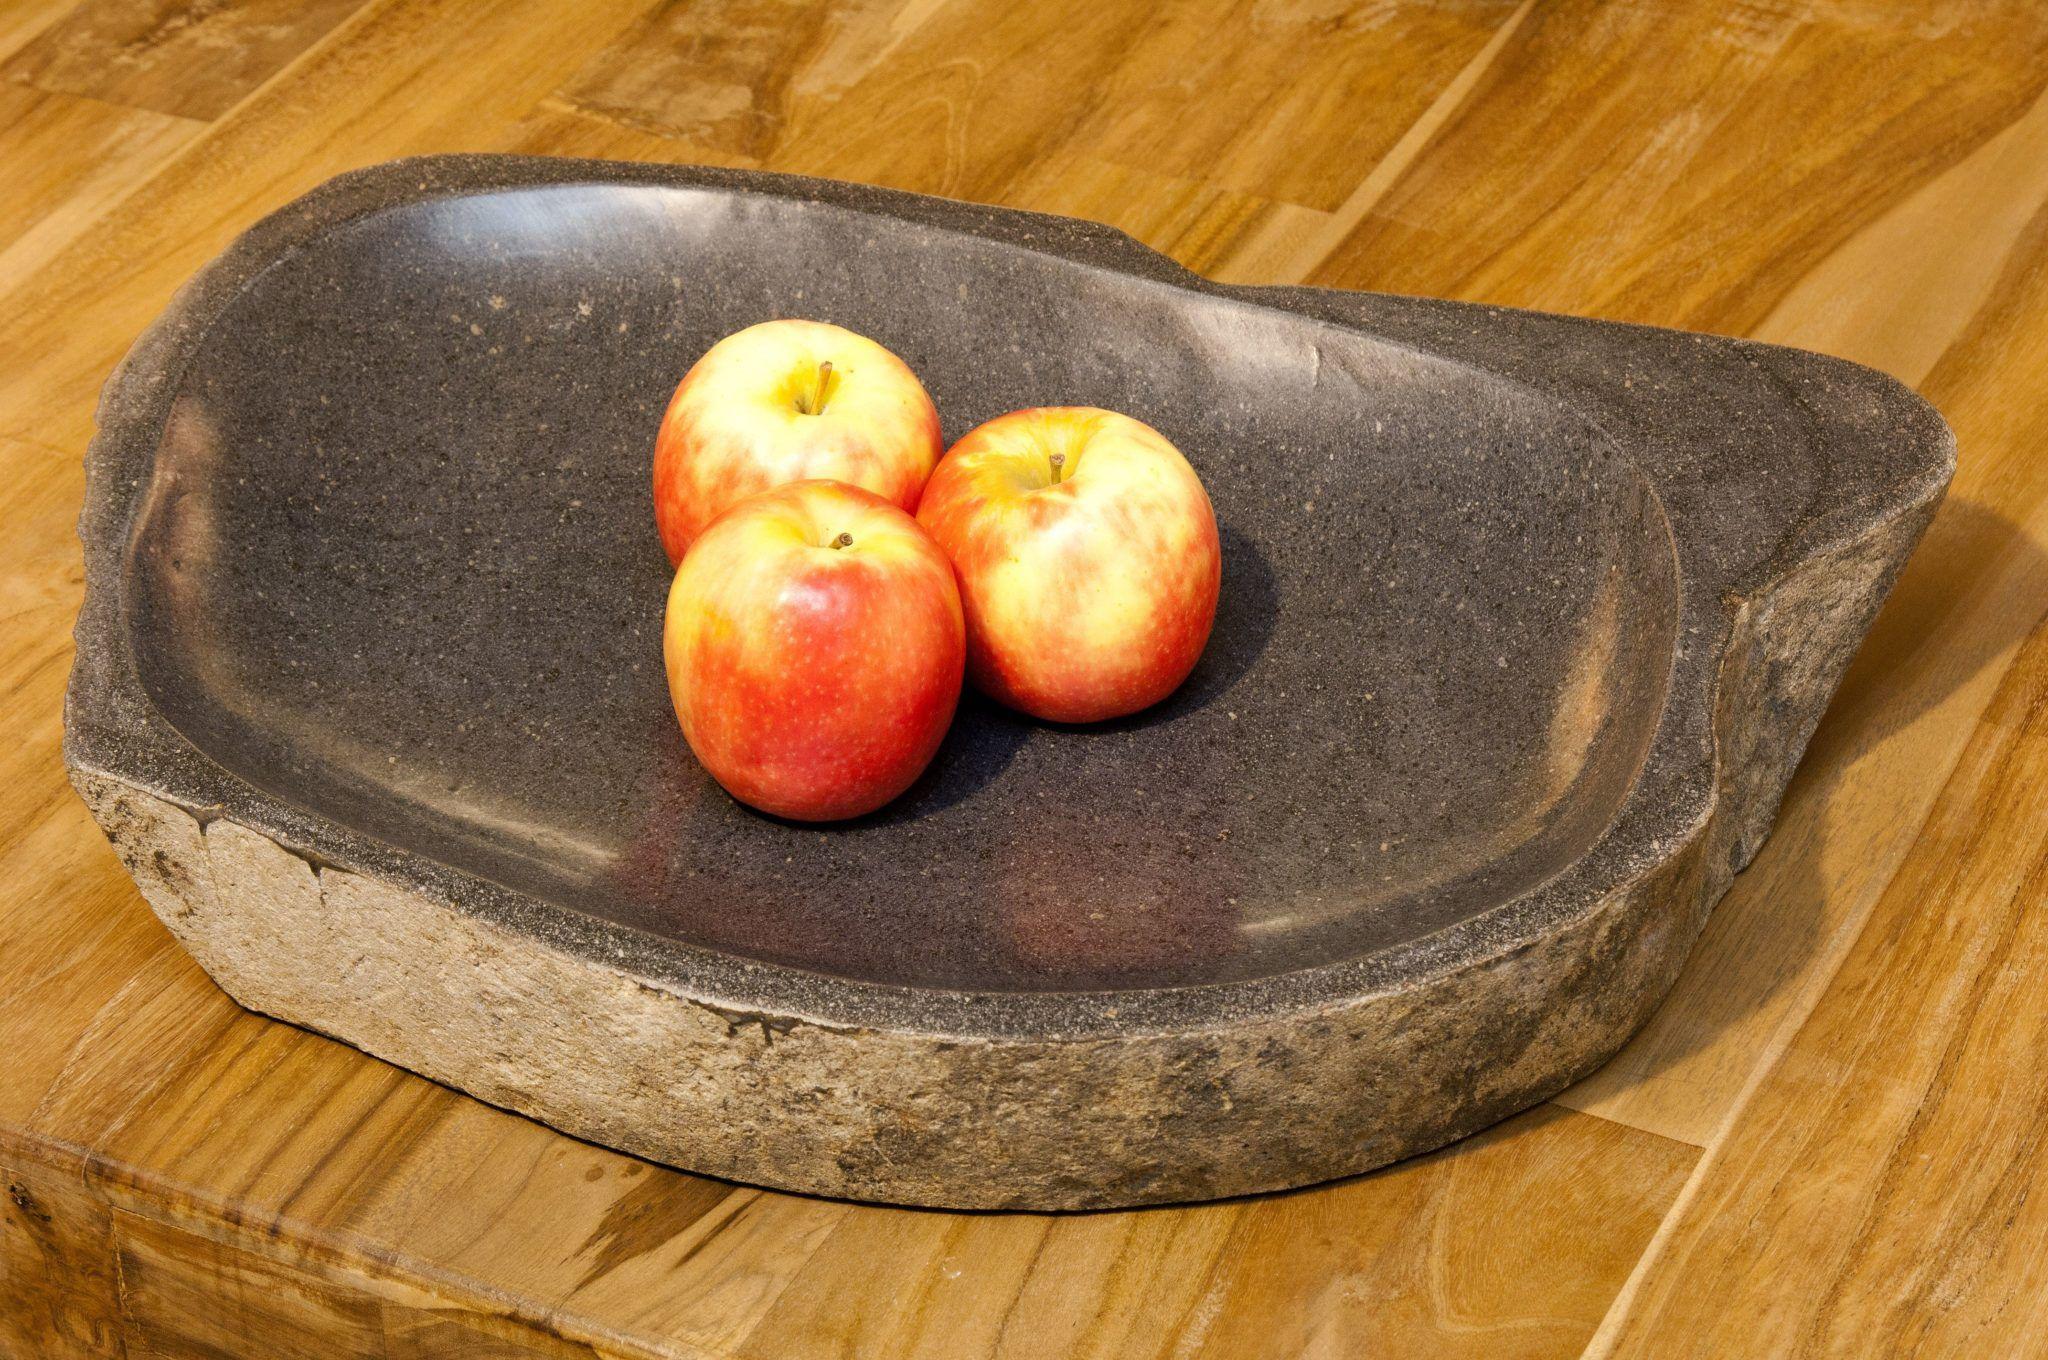 riverstone-fruit-dish-in-situ-1